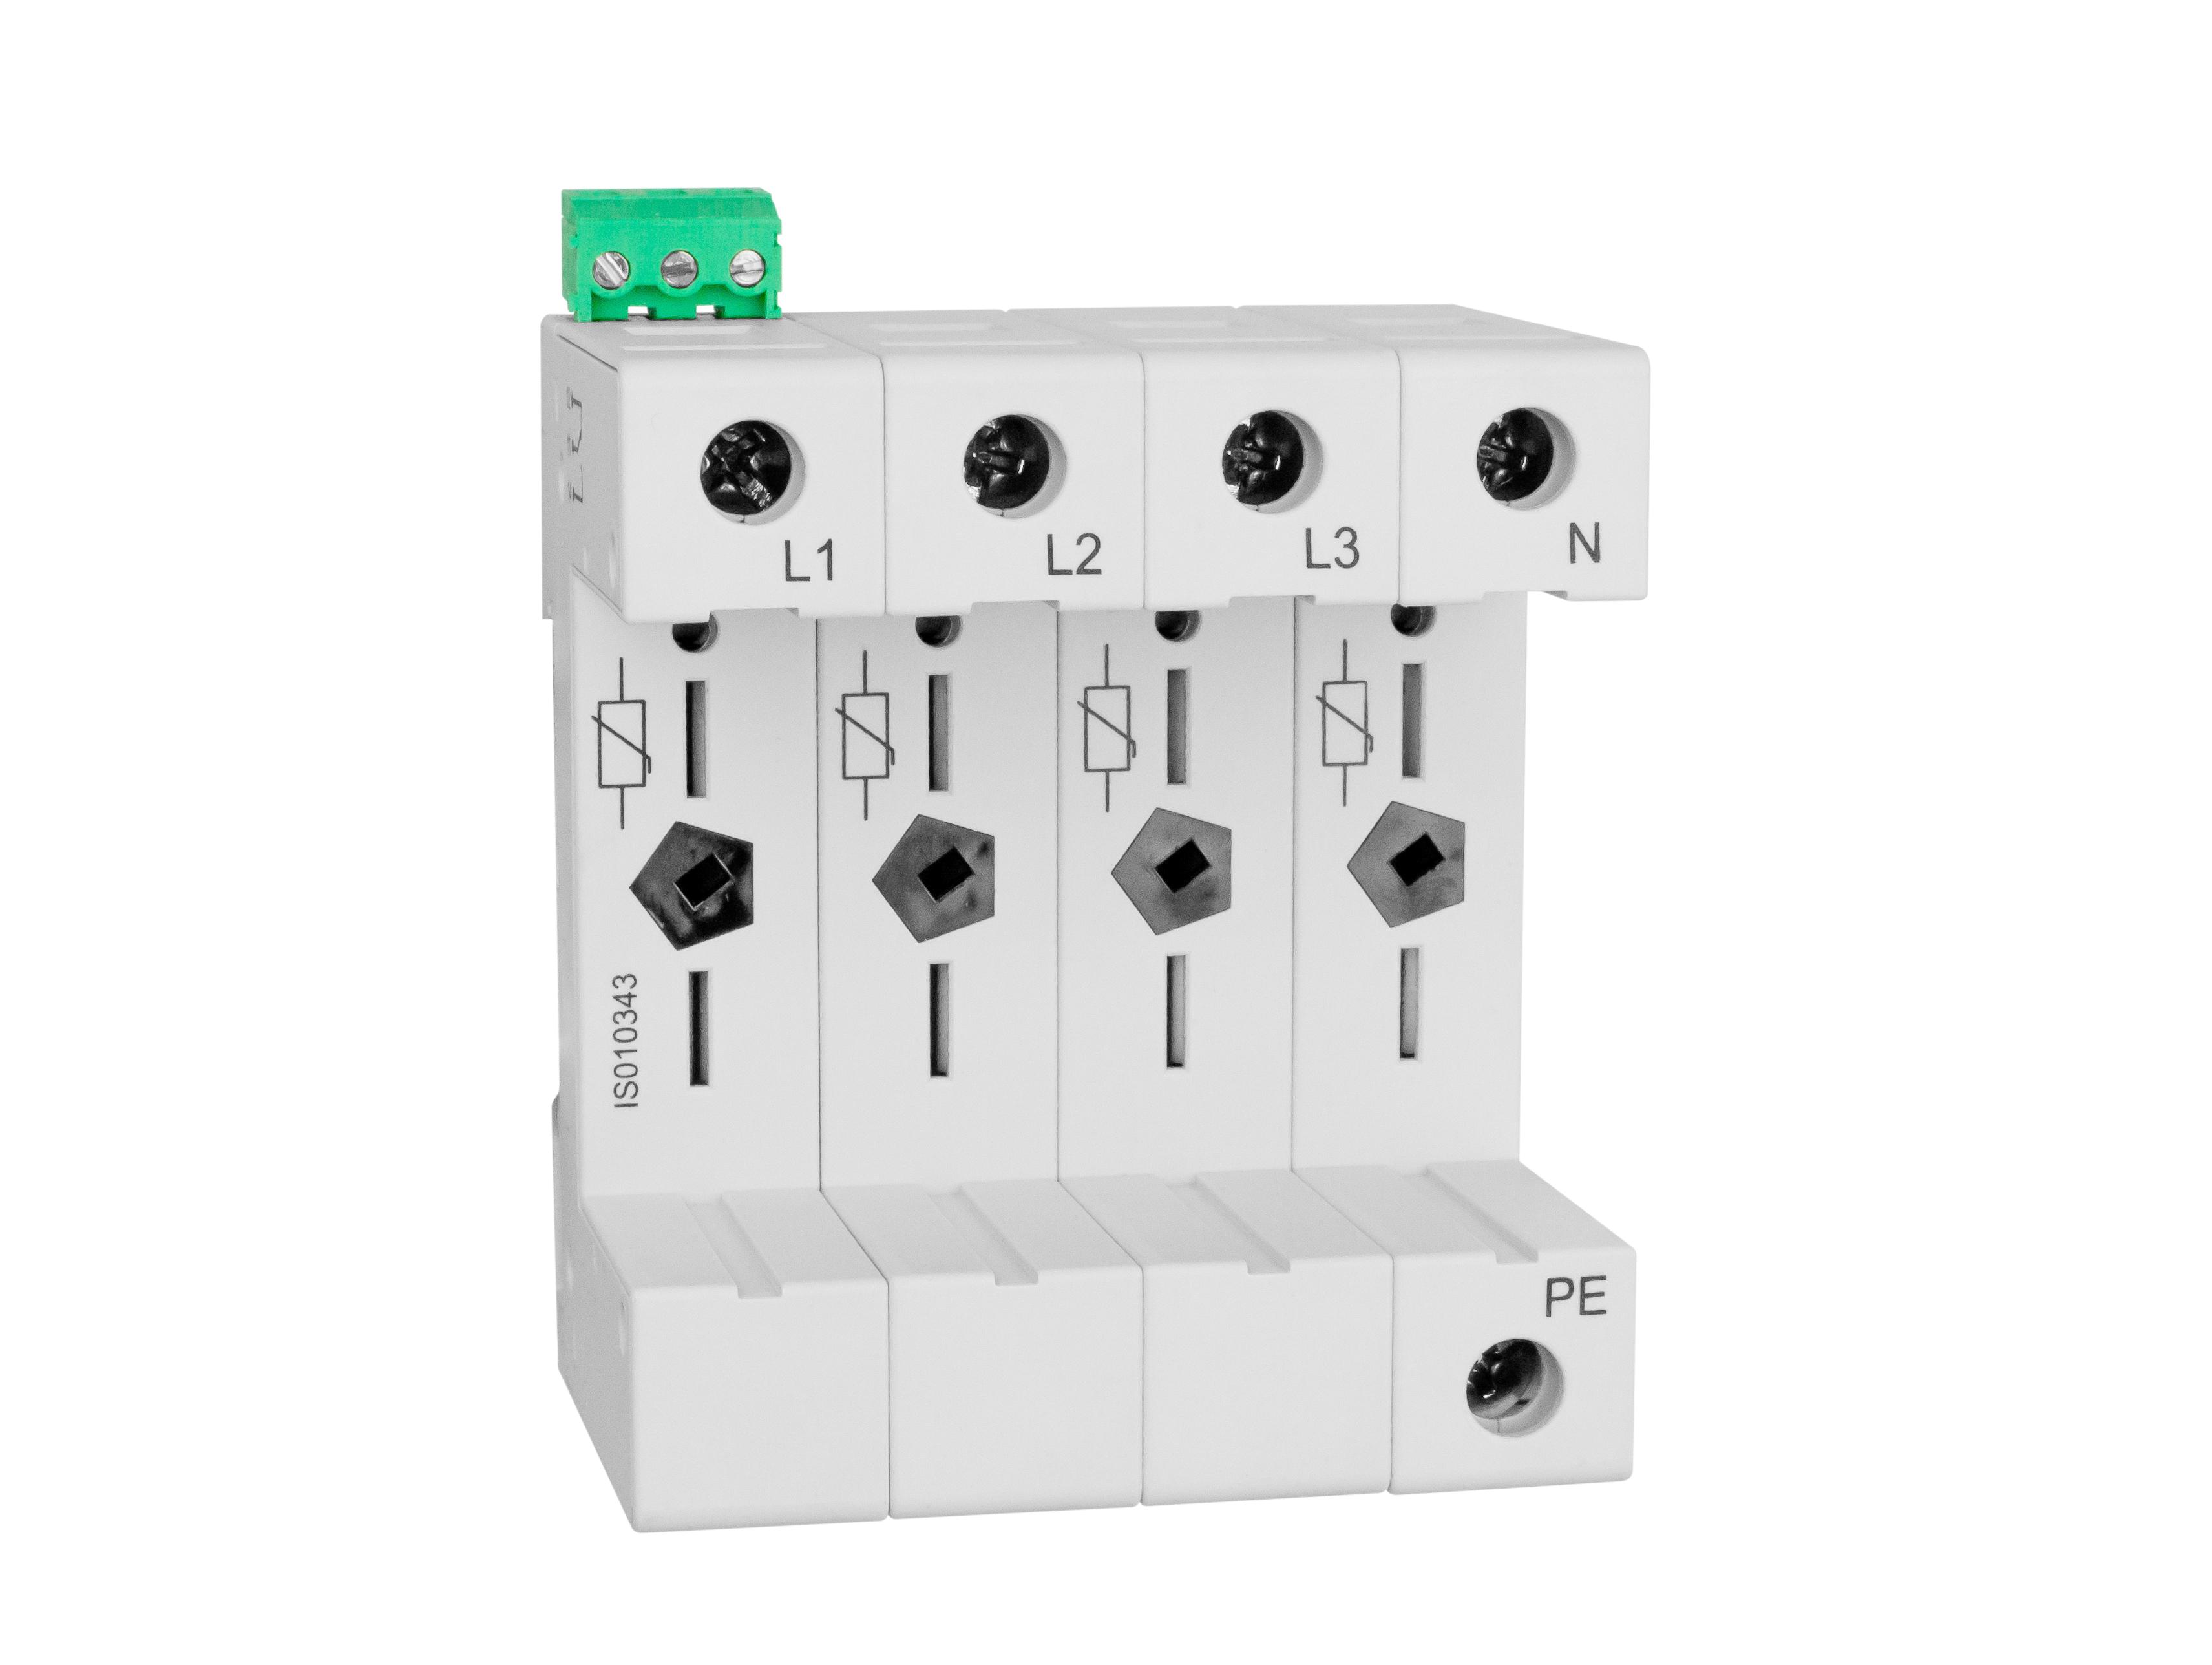 1 Stk Vartec TII, Sockel 4+0 (für 4 VVM), mit Hilfskontakt IS010343--